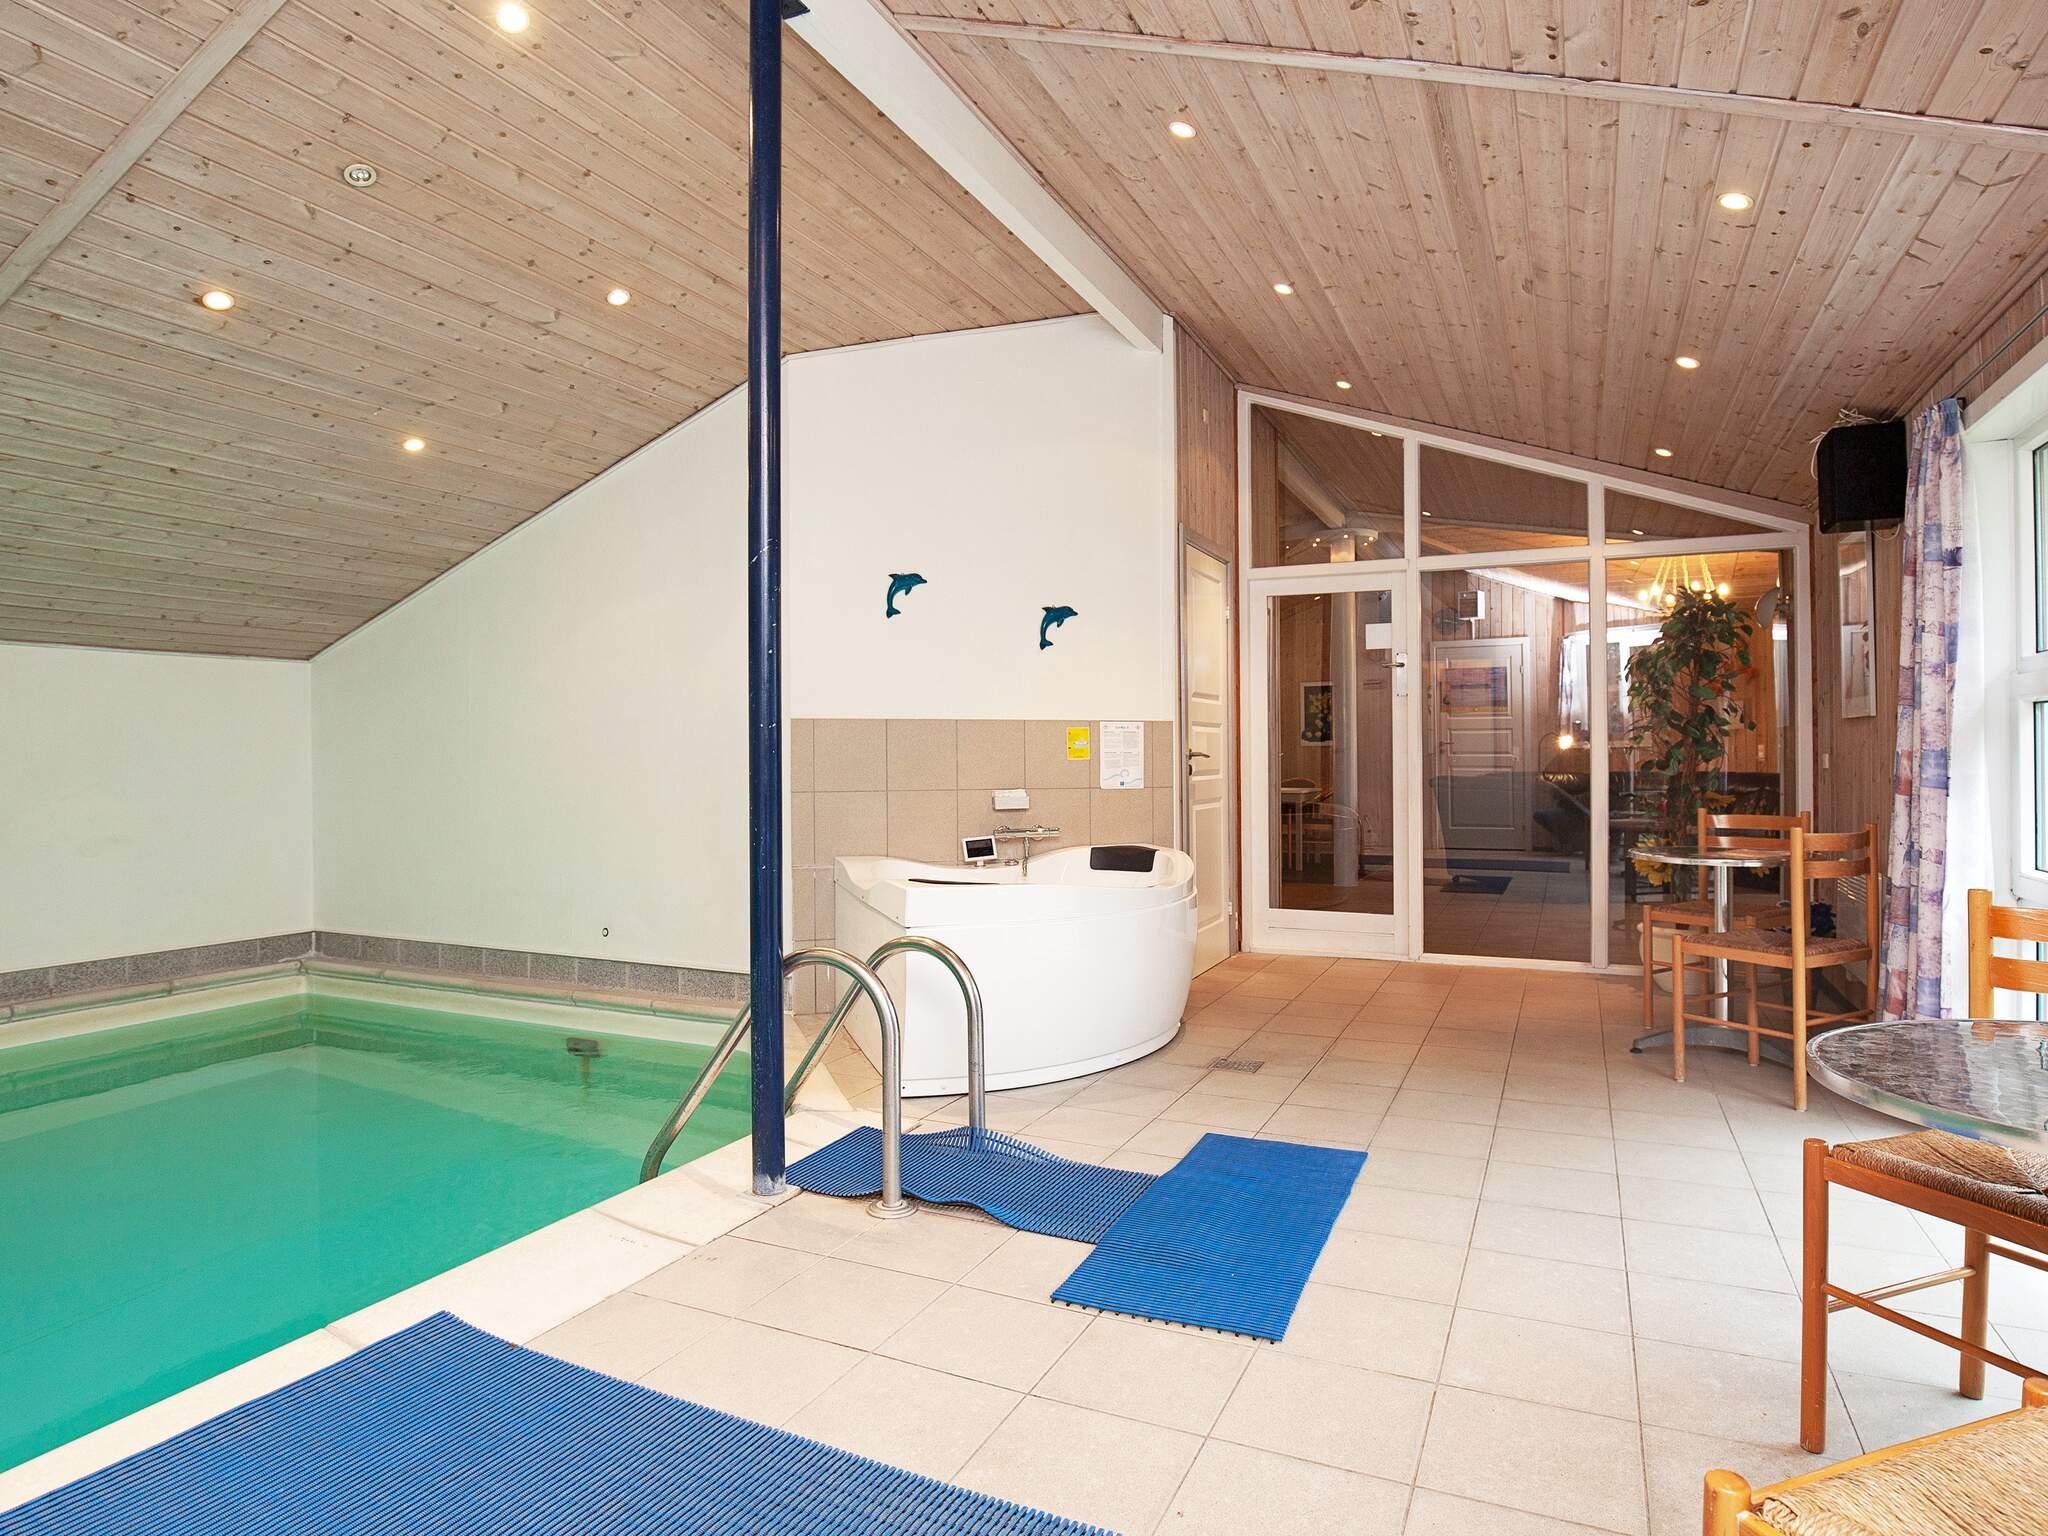 Ferienhaus Marielyst (83562), Marielyst, , Falster, Dänemark, Bild 35